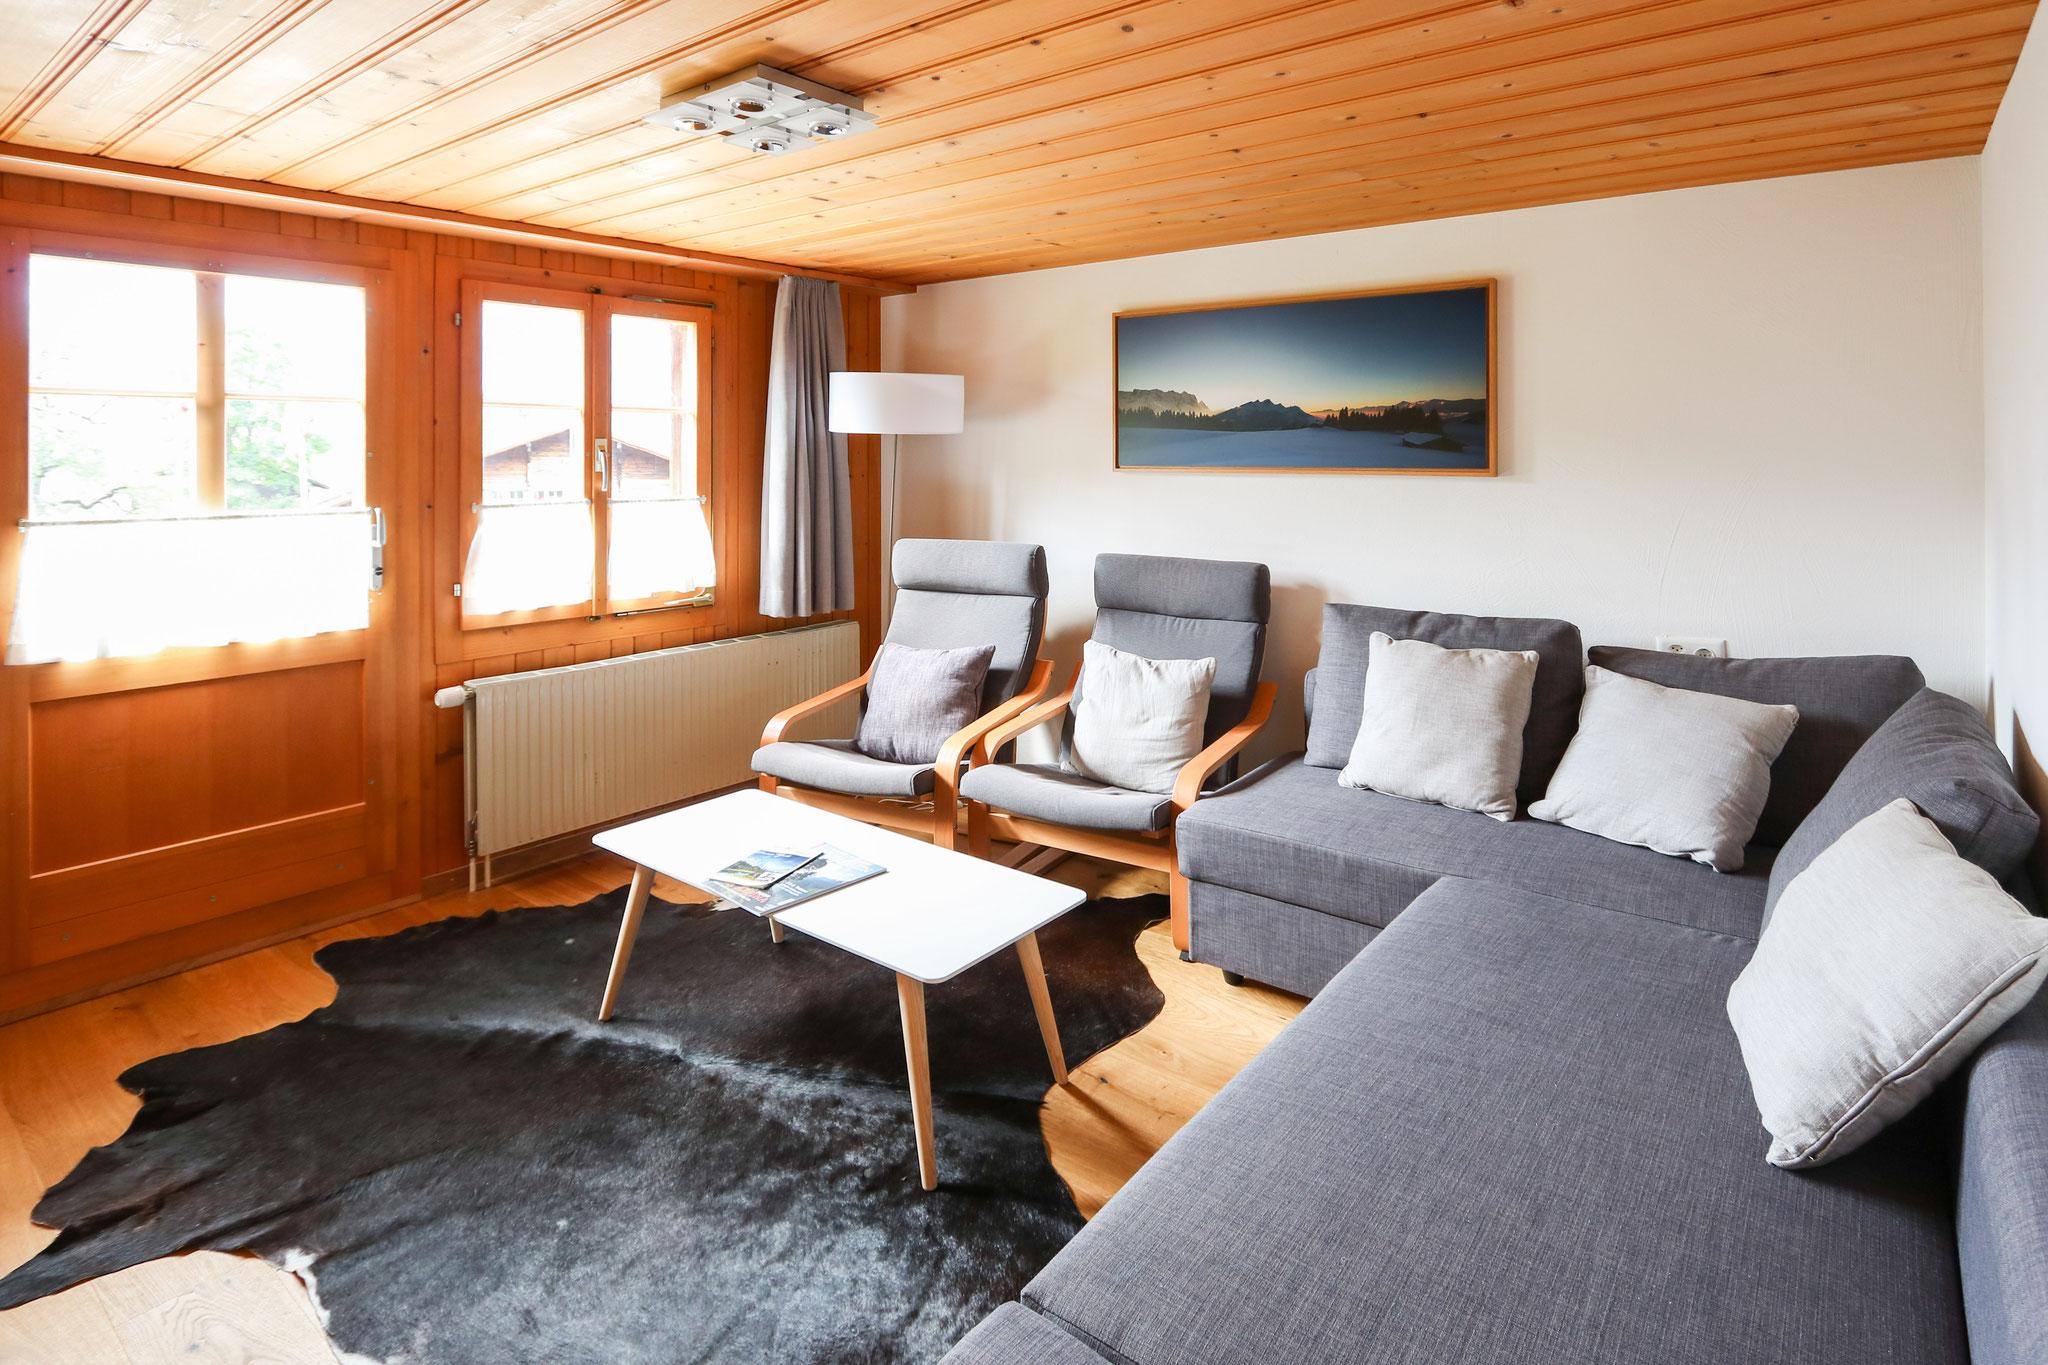 Nos appartements récemment renovés sont disponibles!